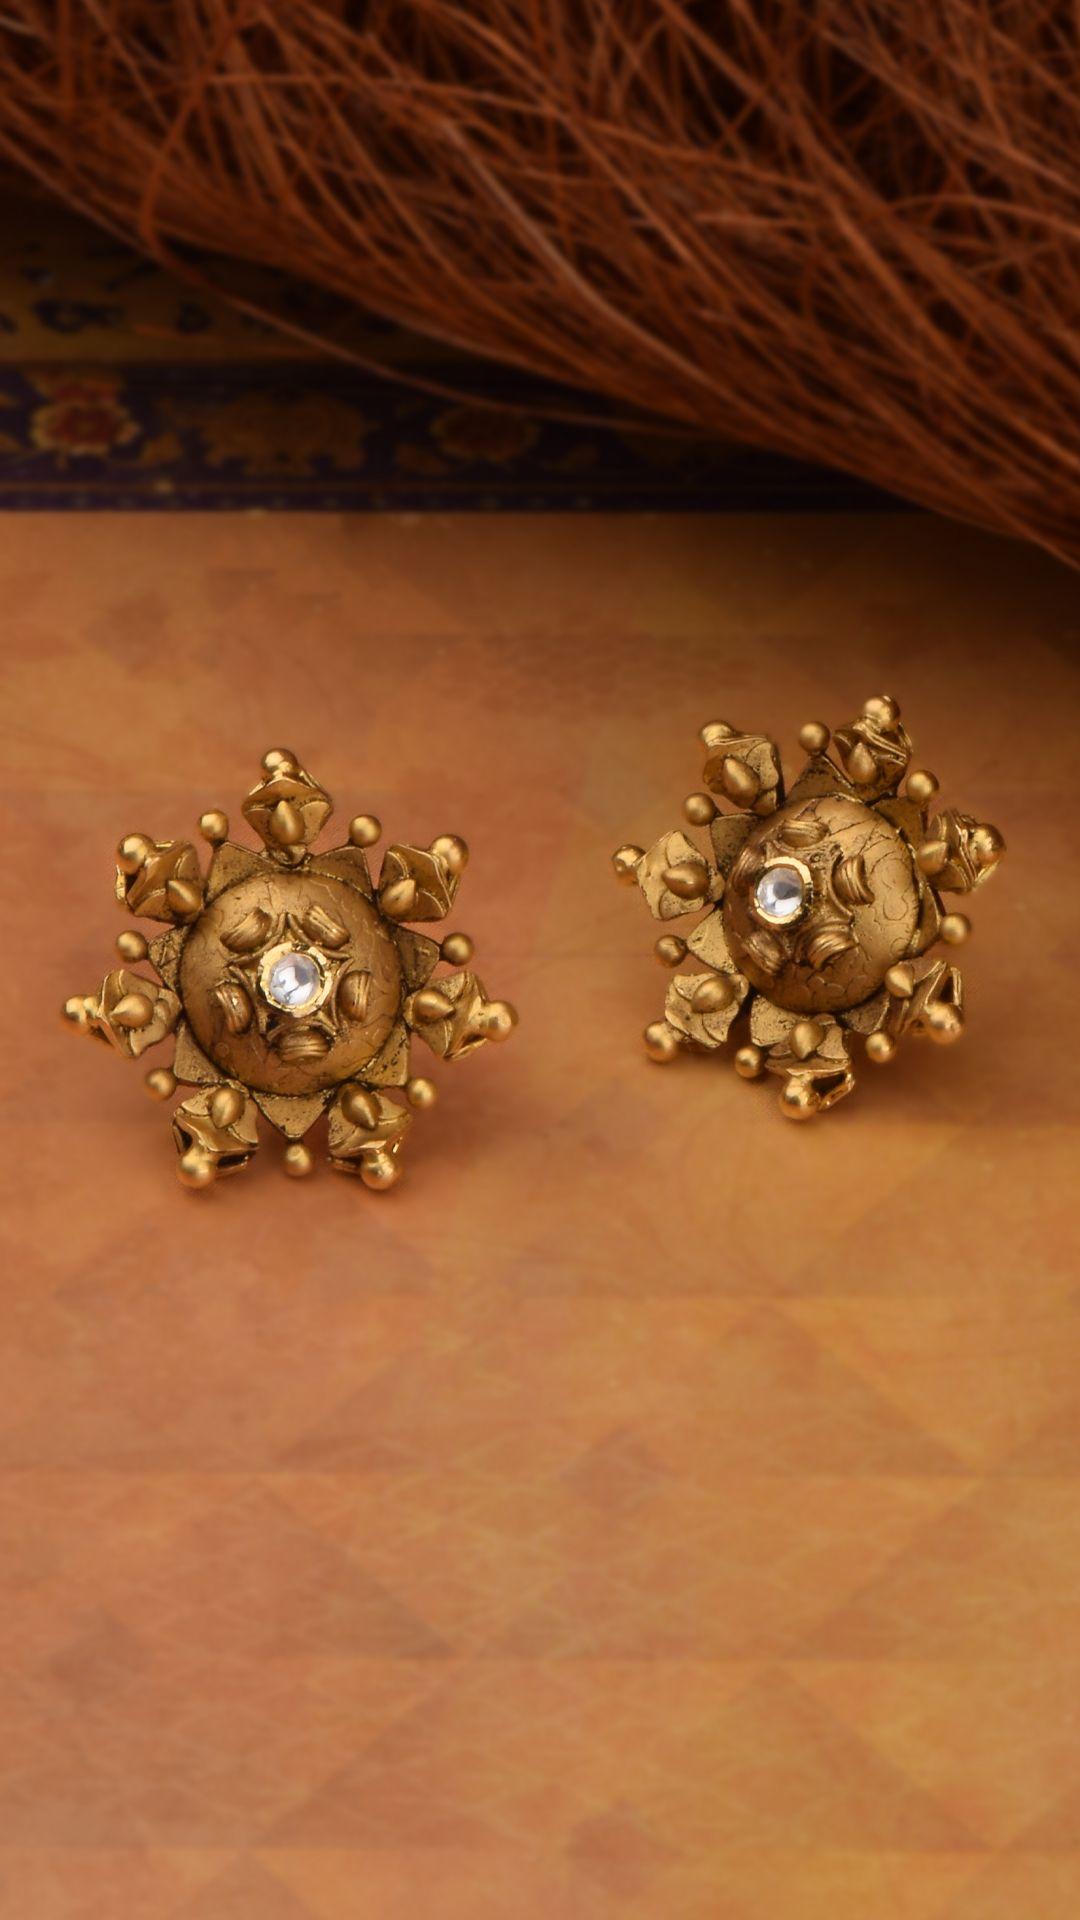 Idea By Veena Manjunath On Big Size Earrings In 2020 Gold Earrings Studs Gold Jewelry Fashion Earrings